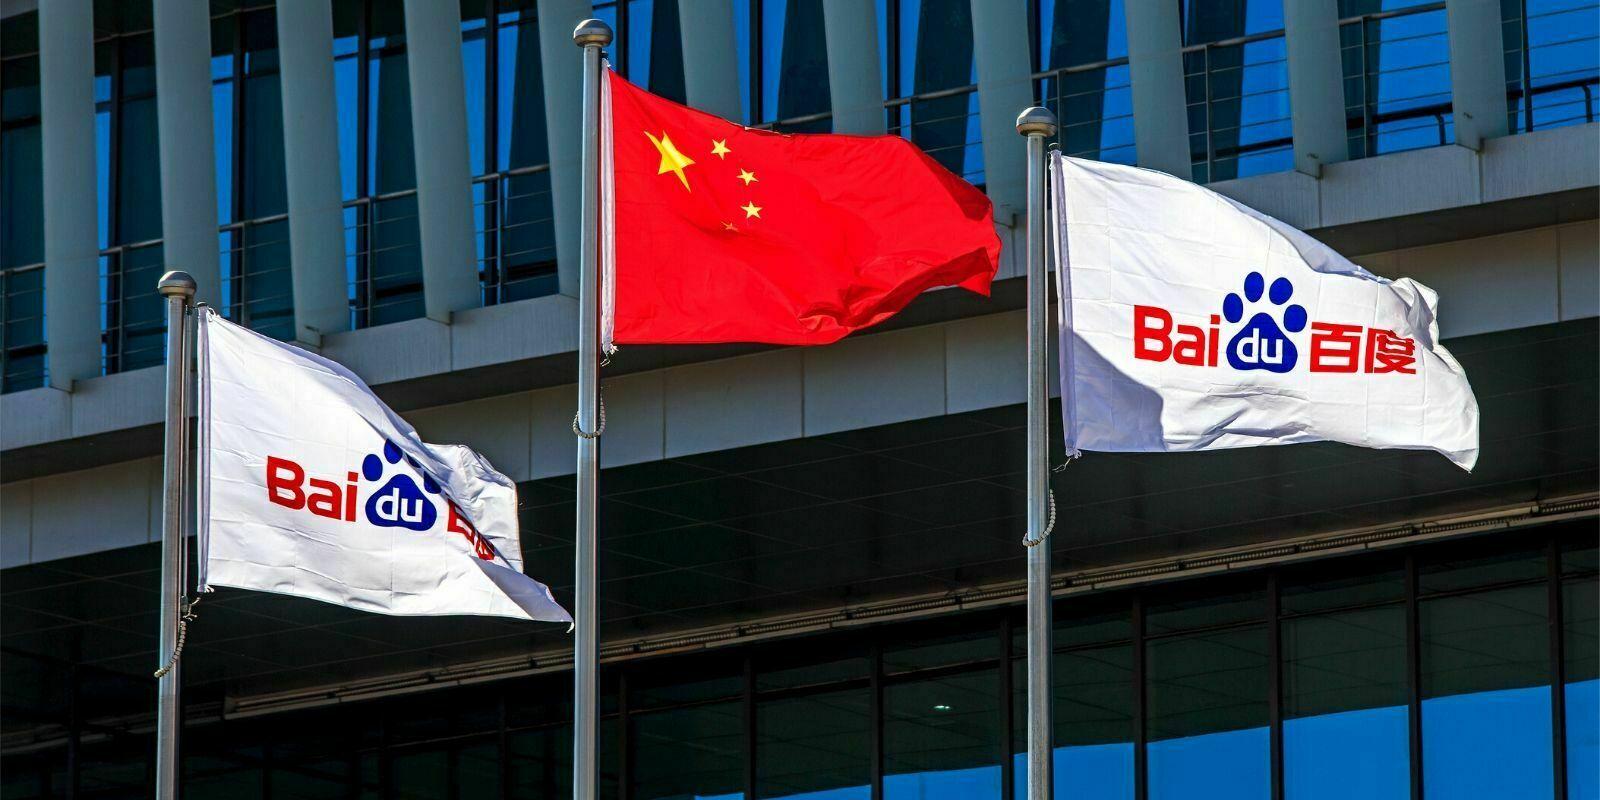 Le géant chinois de la tech Baidu lance la bêta ouverte de son projet blockchain XuperChain